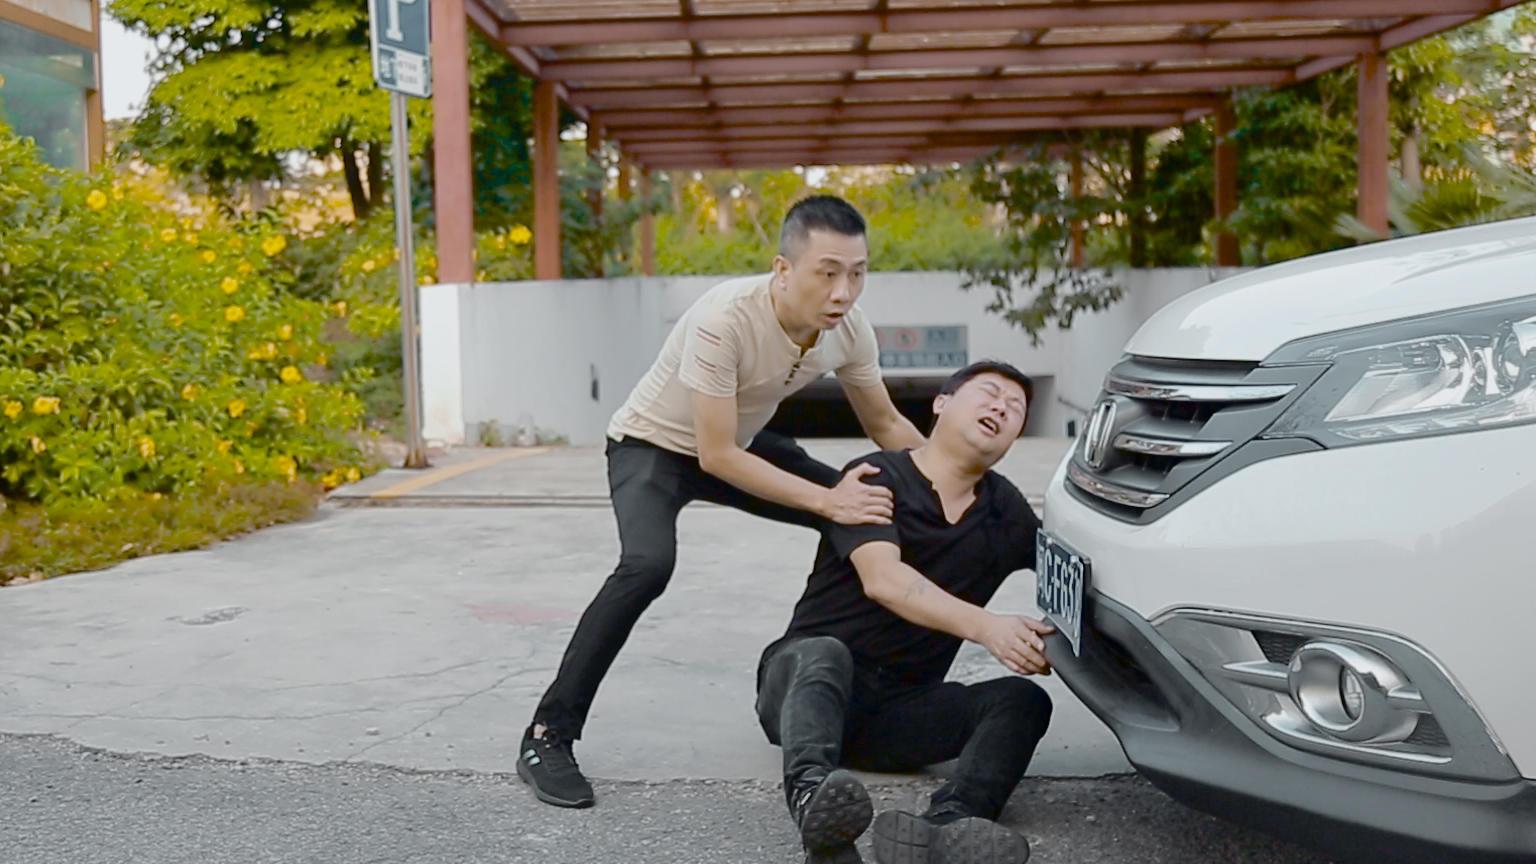 #搞笑趣事#男子碰瓷,不料被二货女司机给撞了,全程爆笑不断